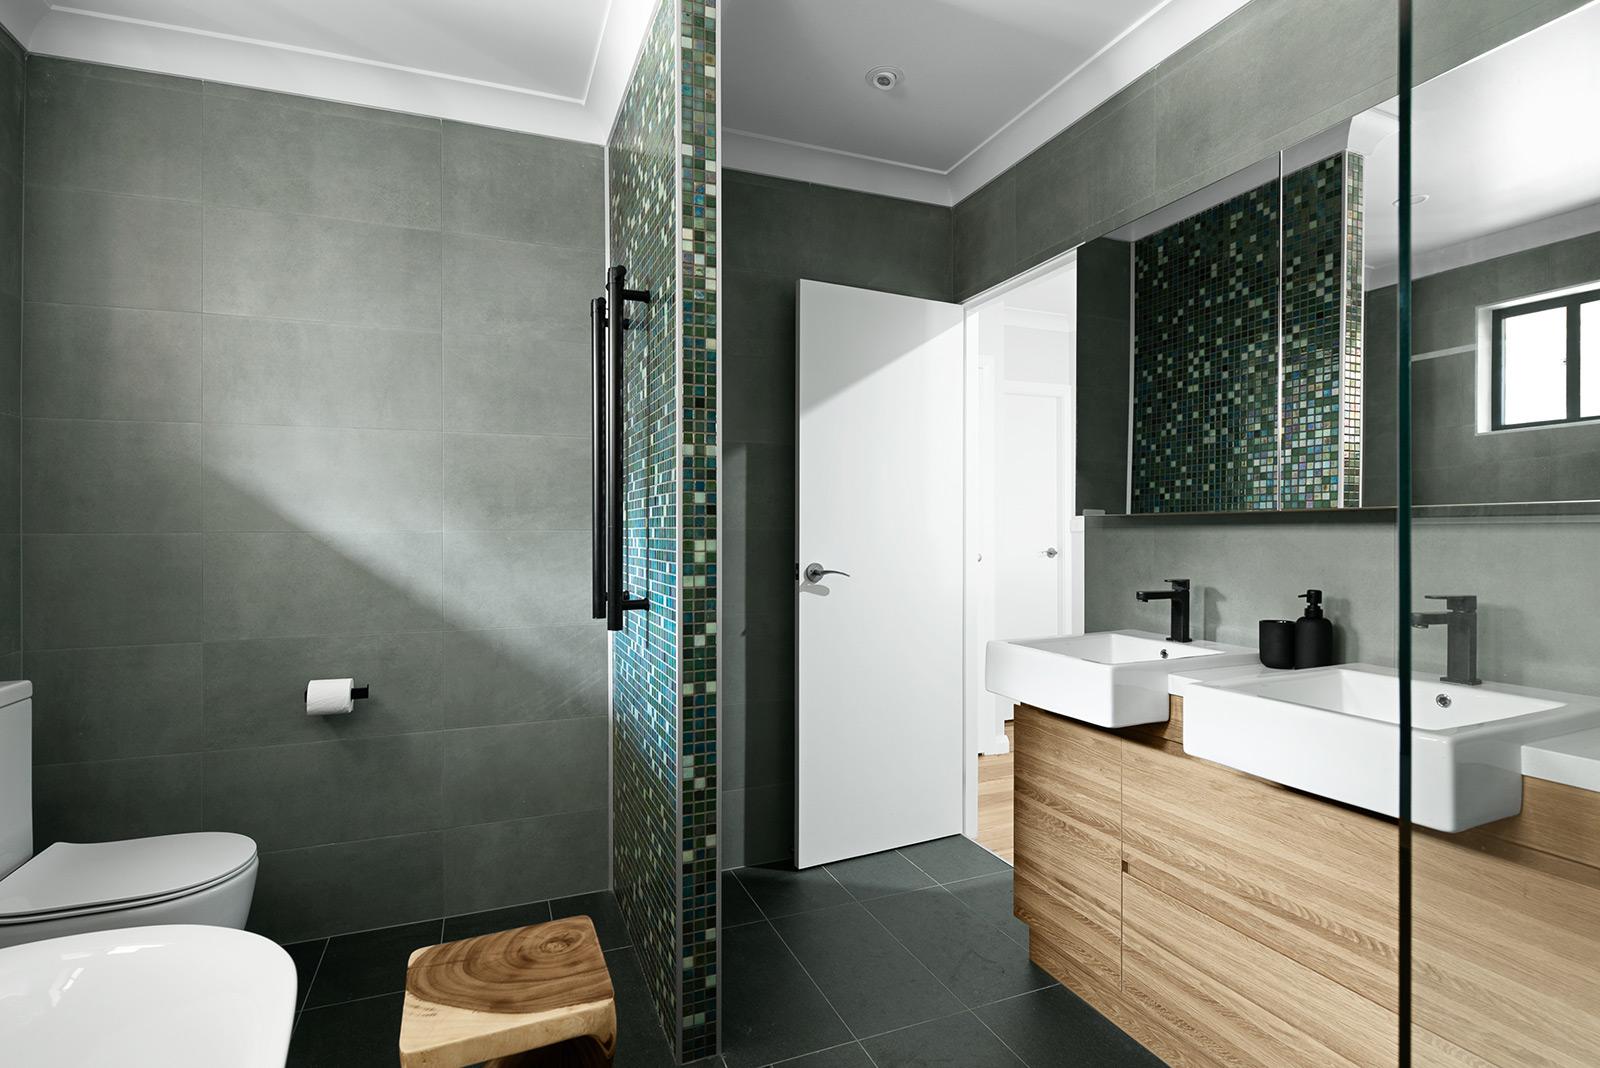 Ezarri DECO Design Interiors Bathroom